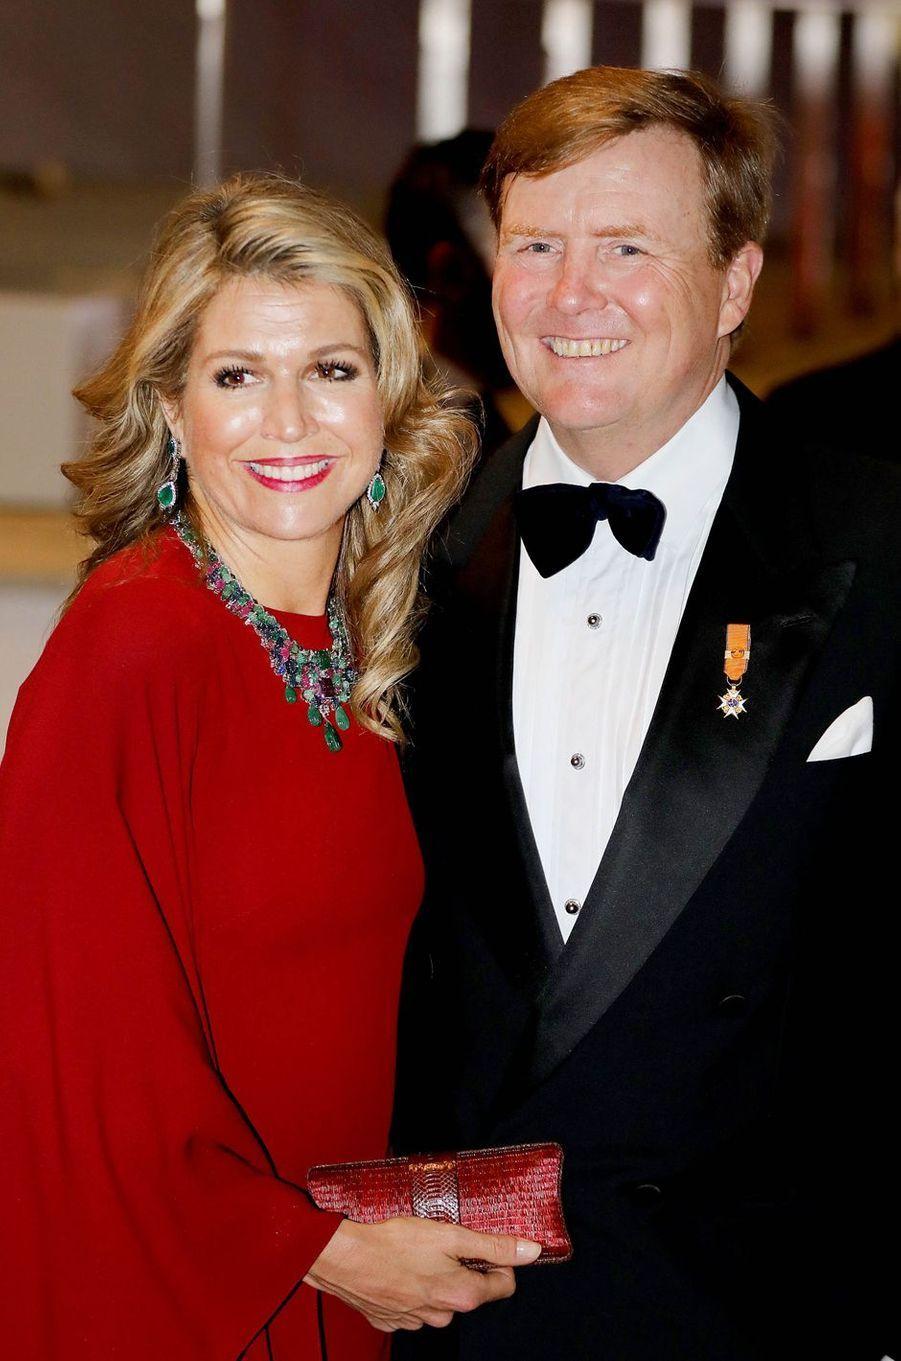 La reine Maxima et le roi Willem-Alexander des Pays-Bas à Luxembourg, le 24 mai 2018